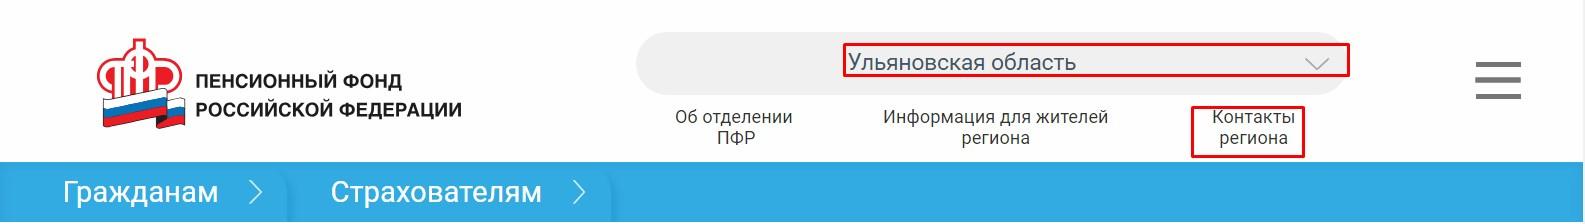 пенсионный фонд Ульяновской области